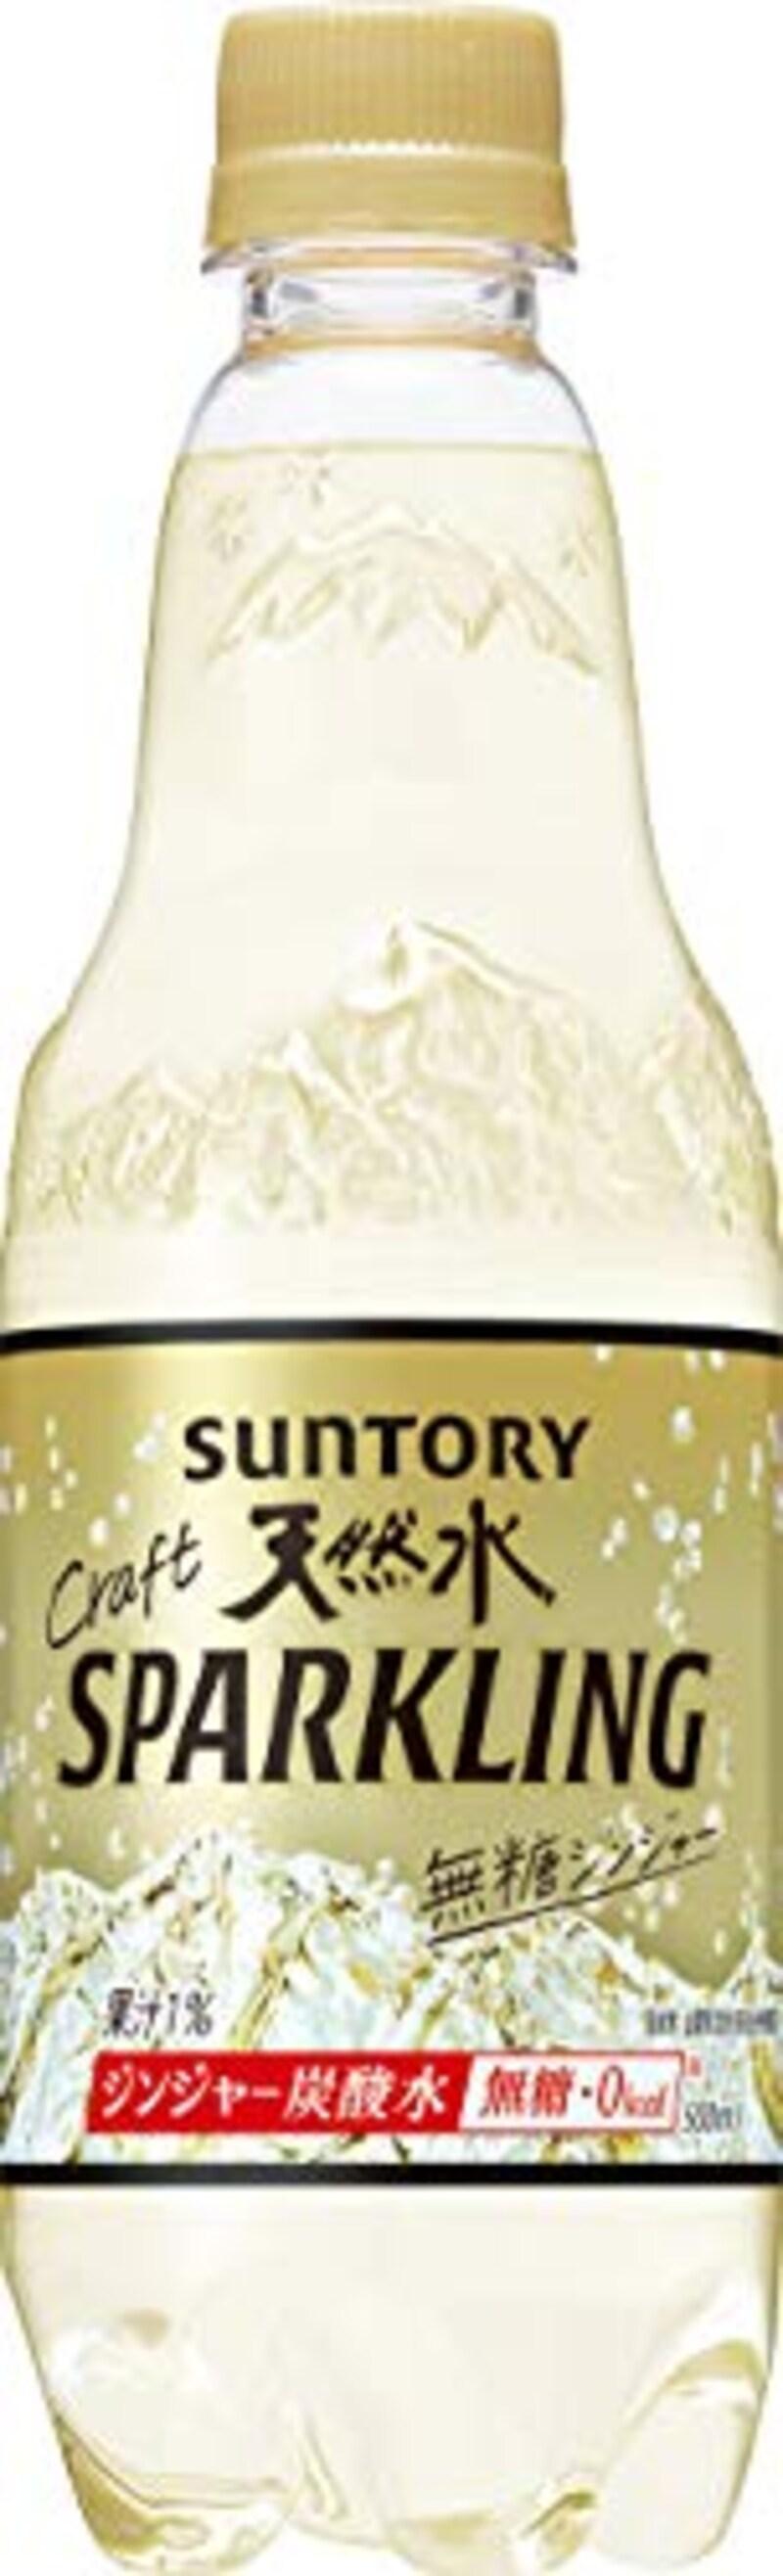 サントリー,天然水クラフトスパークリング無糖ジンジャー